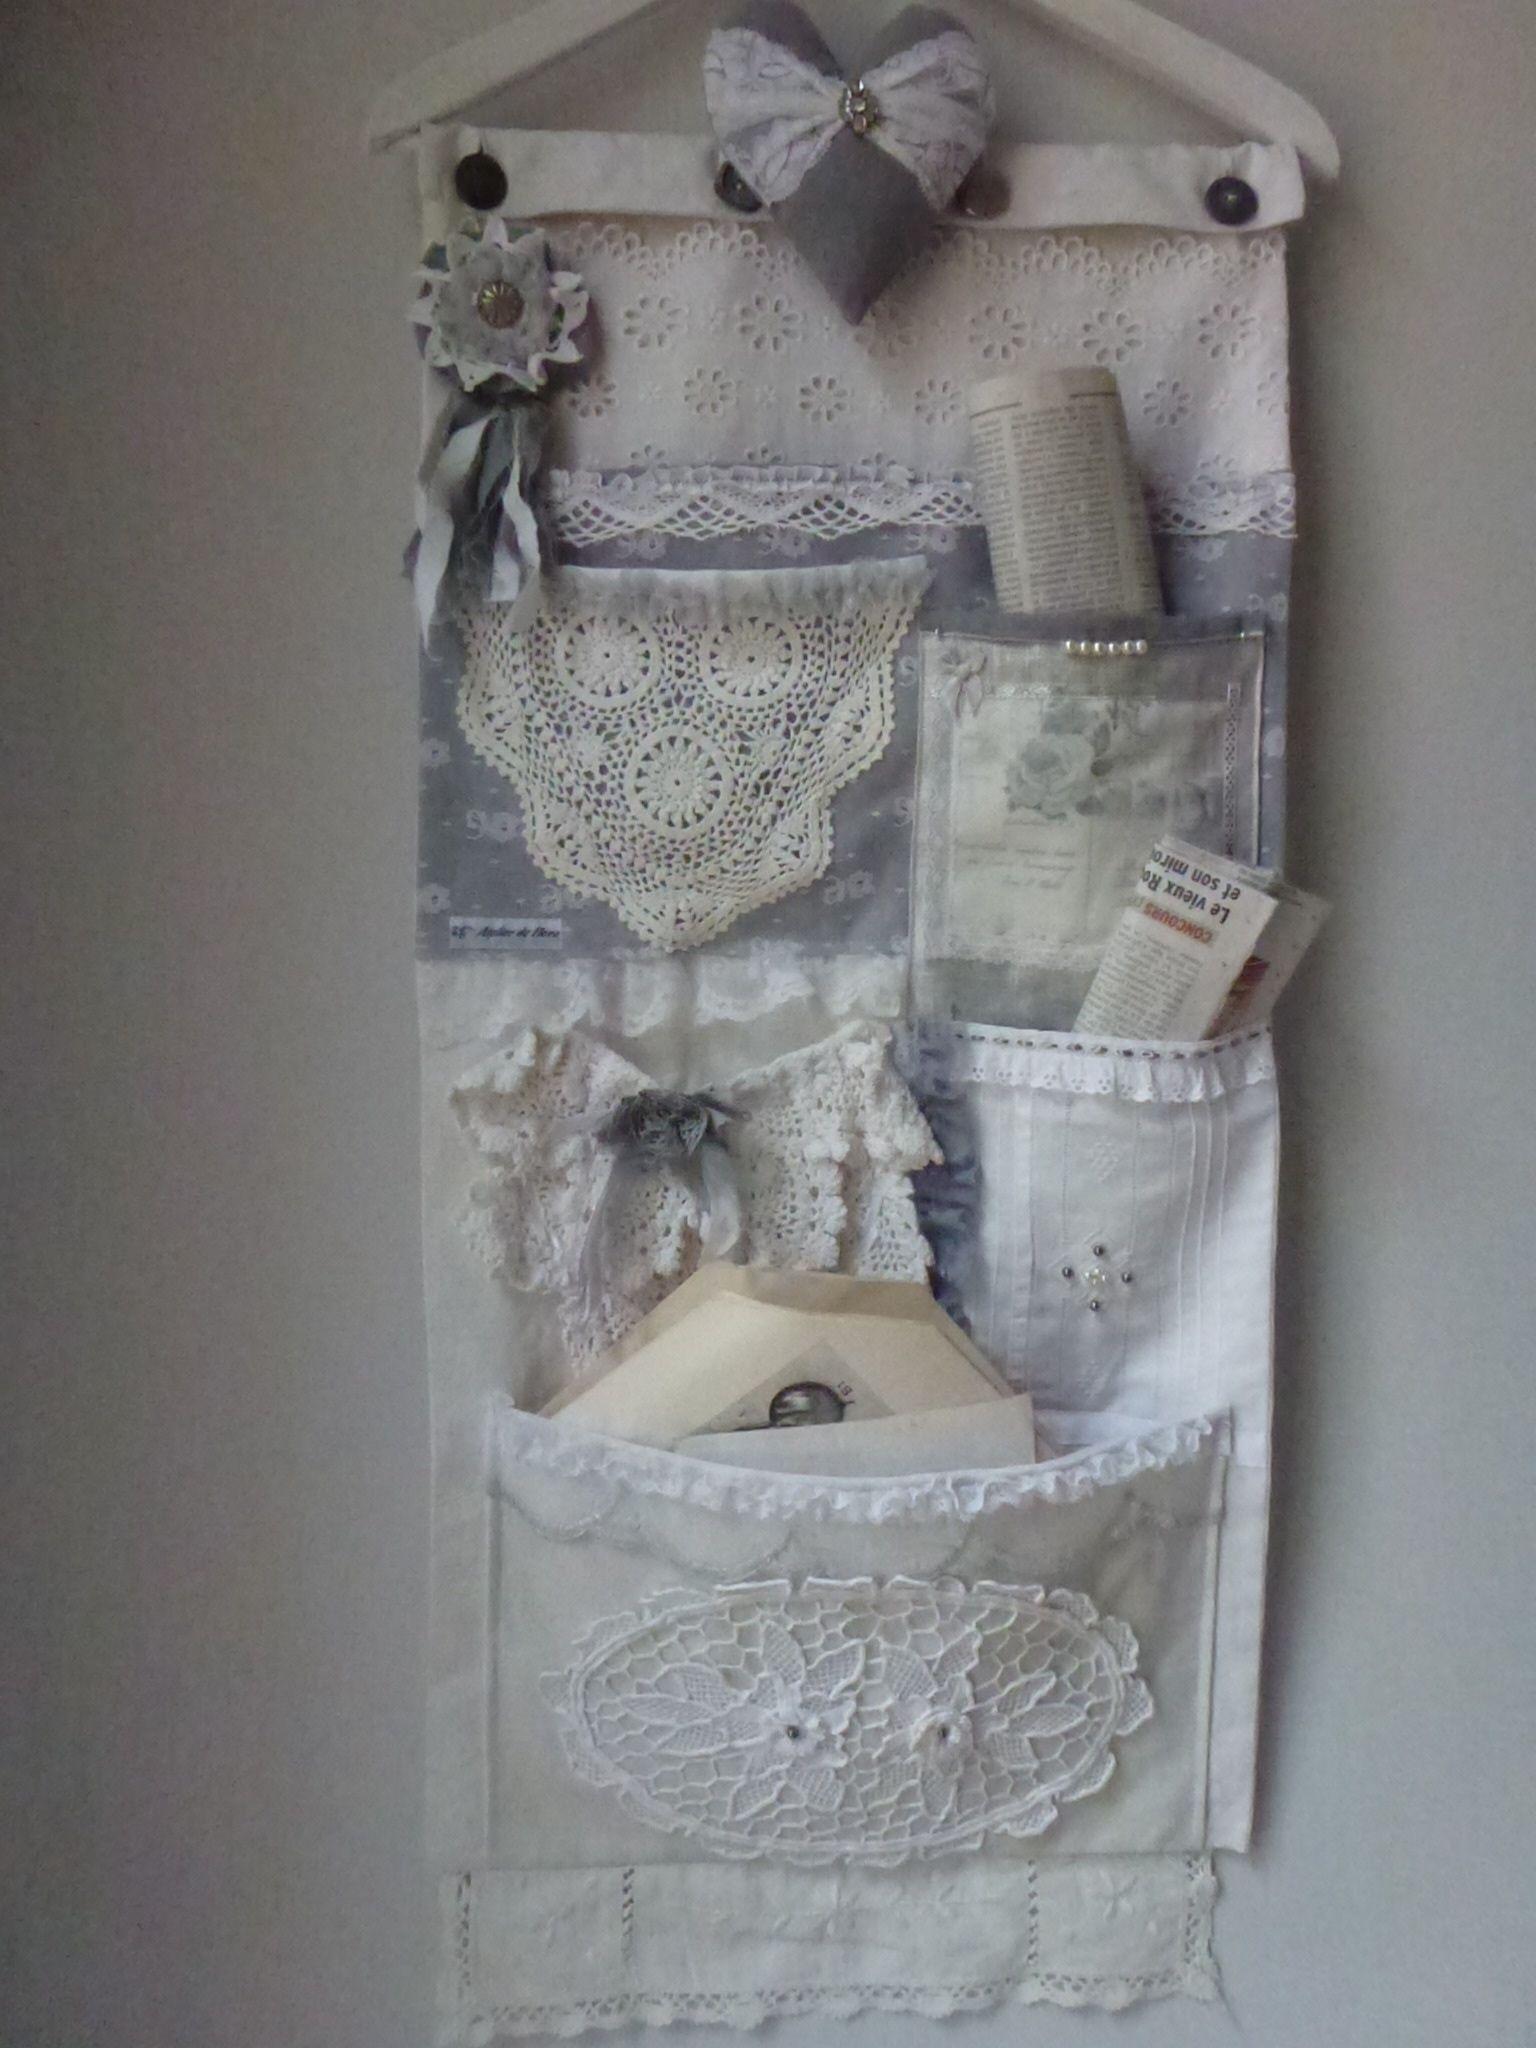 Vide poche mural un air gustavien dentelles et linges ancien a suspendre dans une chambre - Poche de rangement mural ...